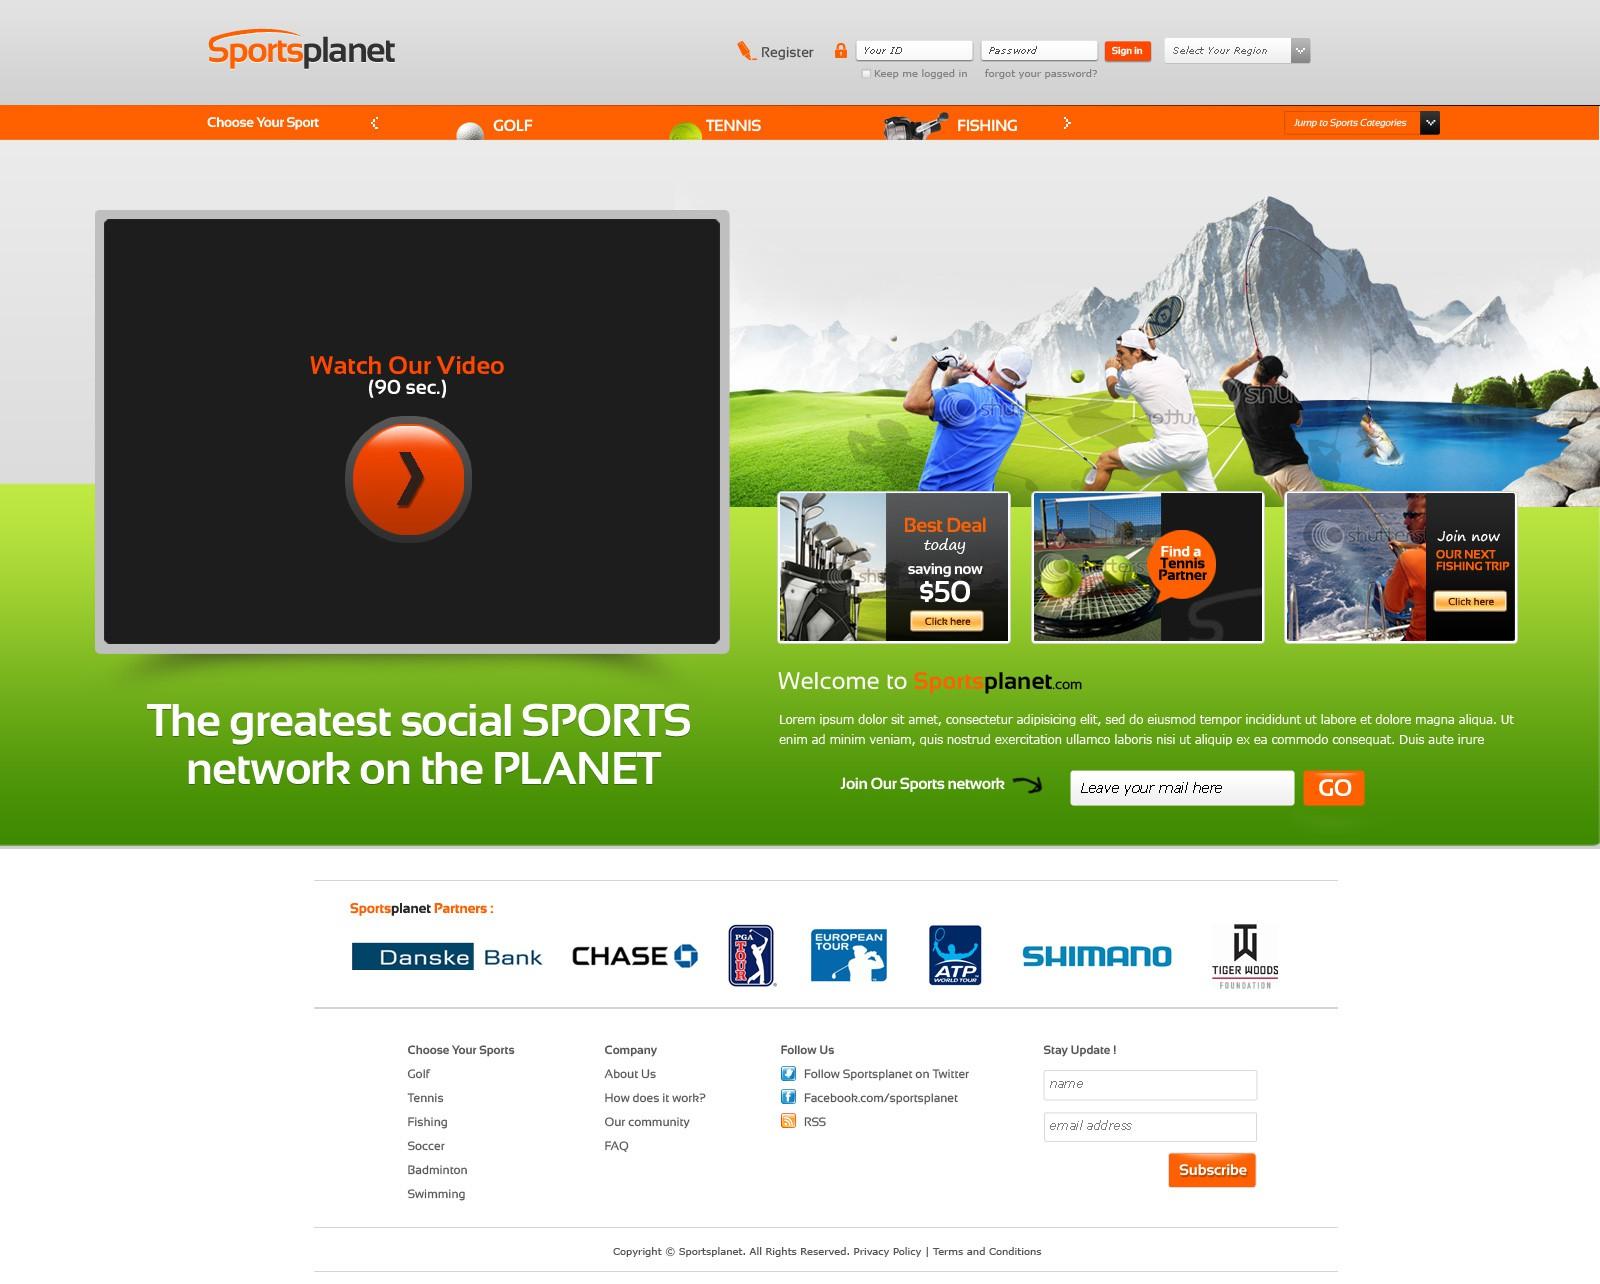 Sportsplanet needs a new website design